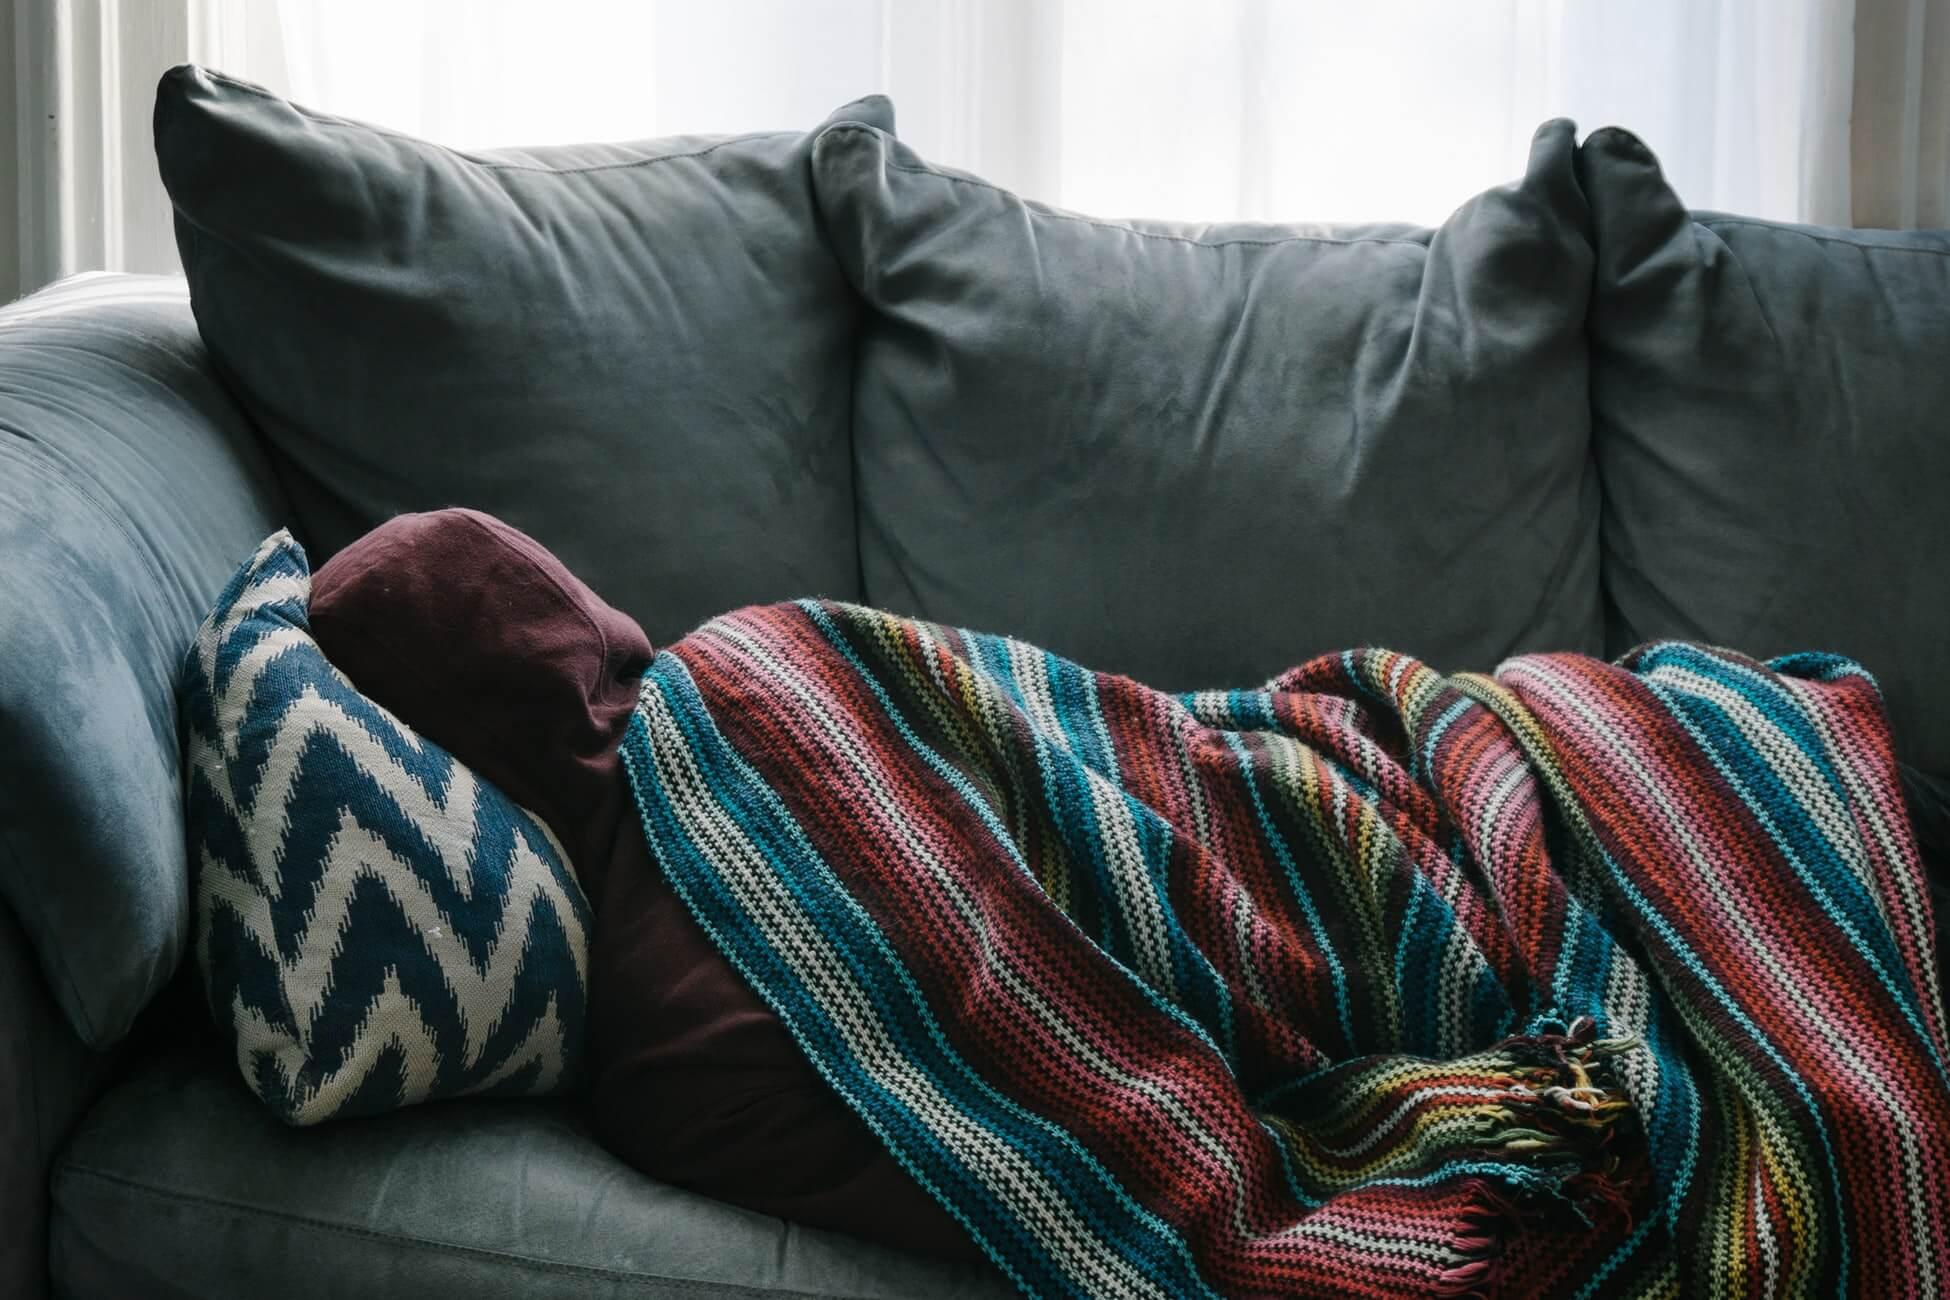 Gripa se ove godine pojavila neuobičajeno rano, a četvrtina oboljelih razvija teške komplikacije!